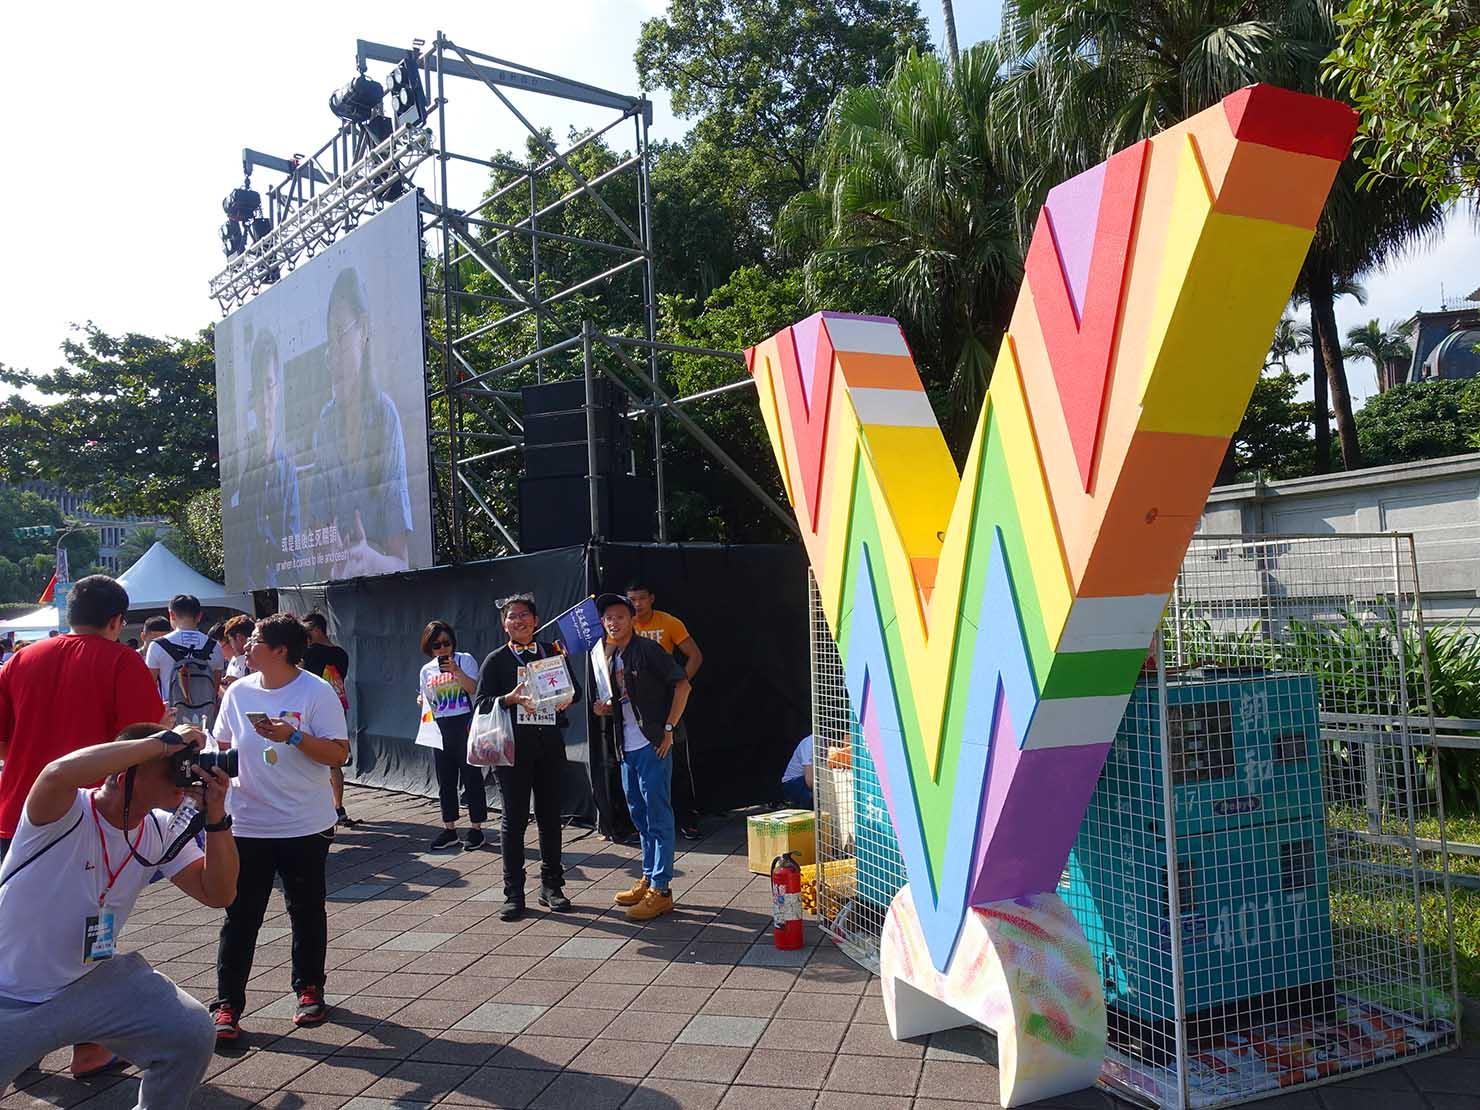 台湾のLGBT音楽イベント『為愛返家音樂會』の会場に設置されたオブジェクト